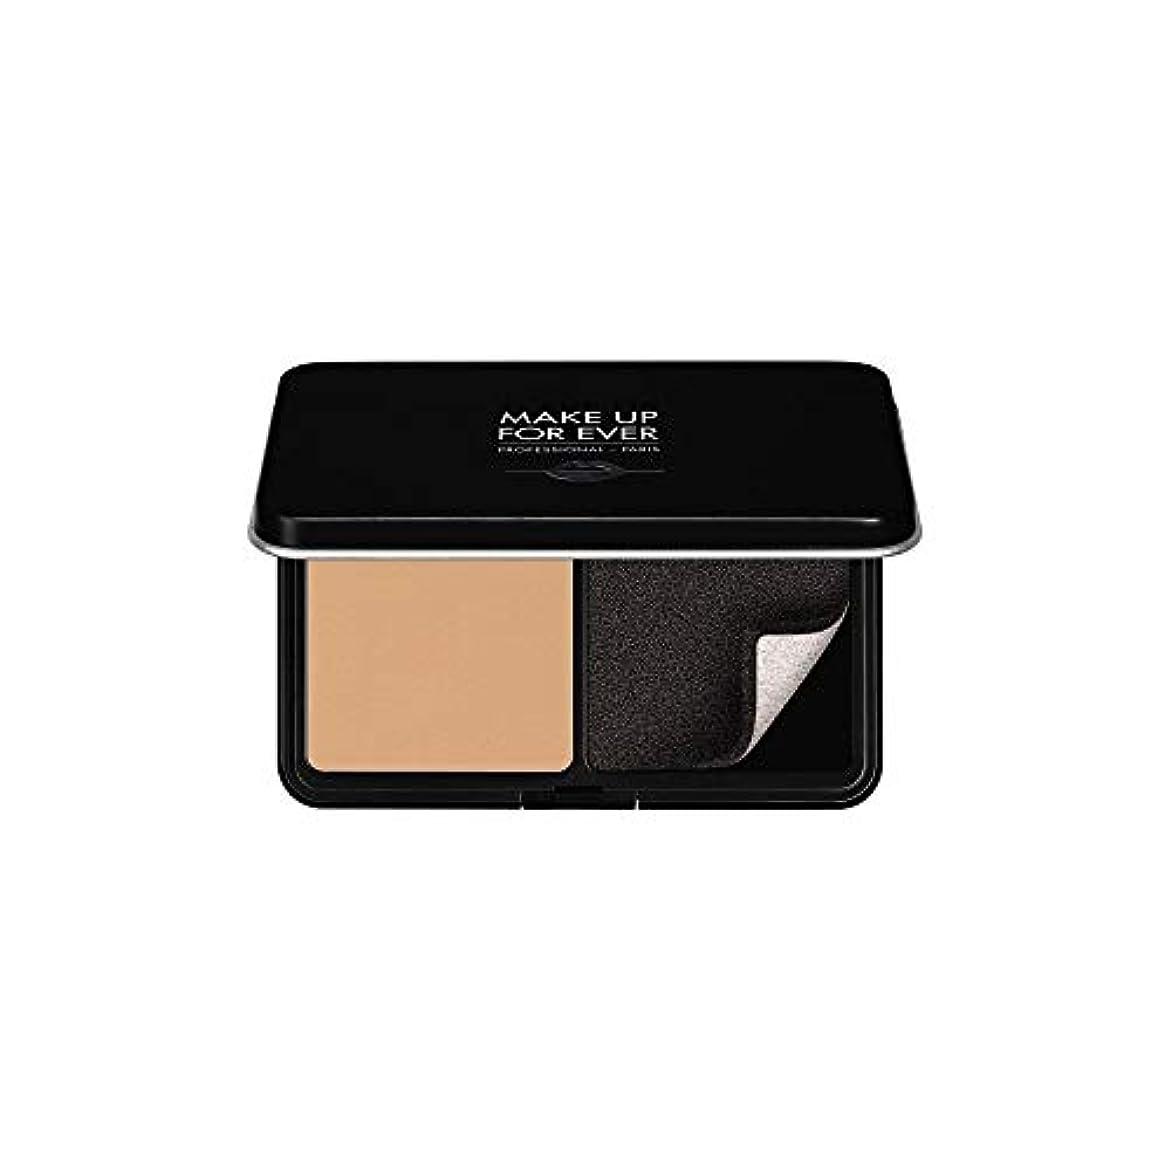 地下鉄ヒゲ巨大メイクアップフォーエバー Matte Velvet Skin Blurring Powder Foundation - # Y305 (Soft Beige) 11g/0.38oz並行輸入品